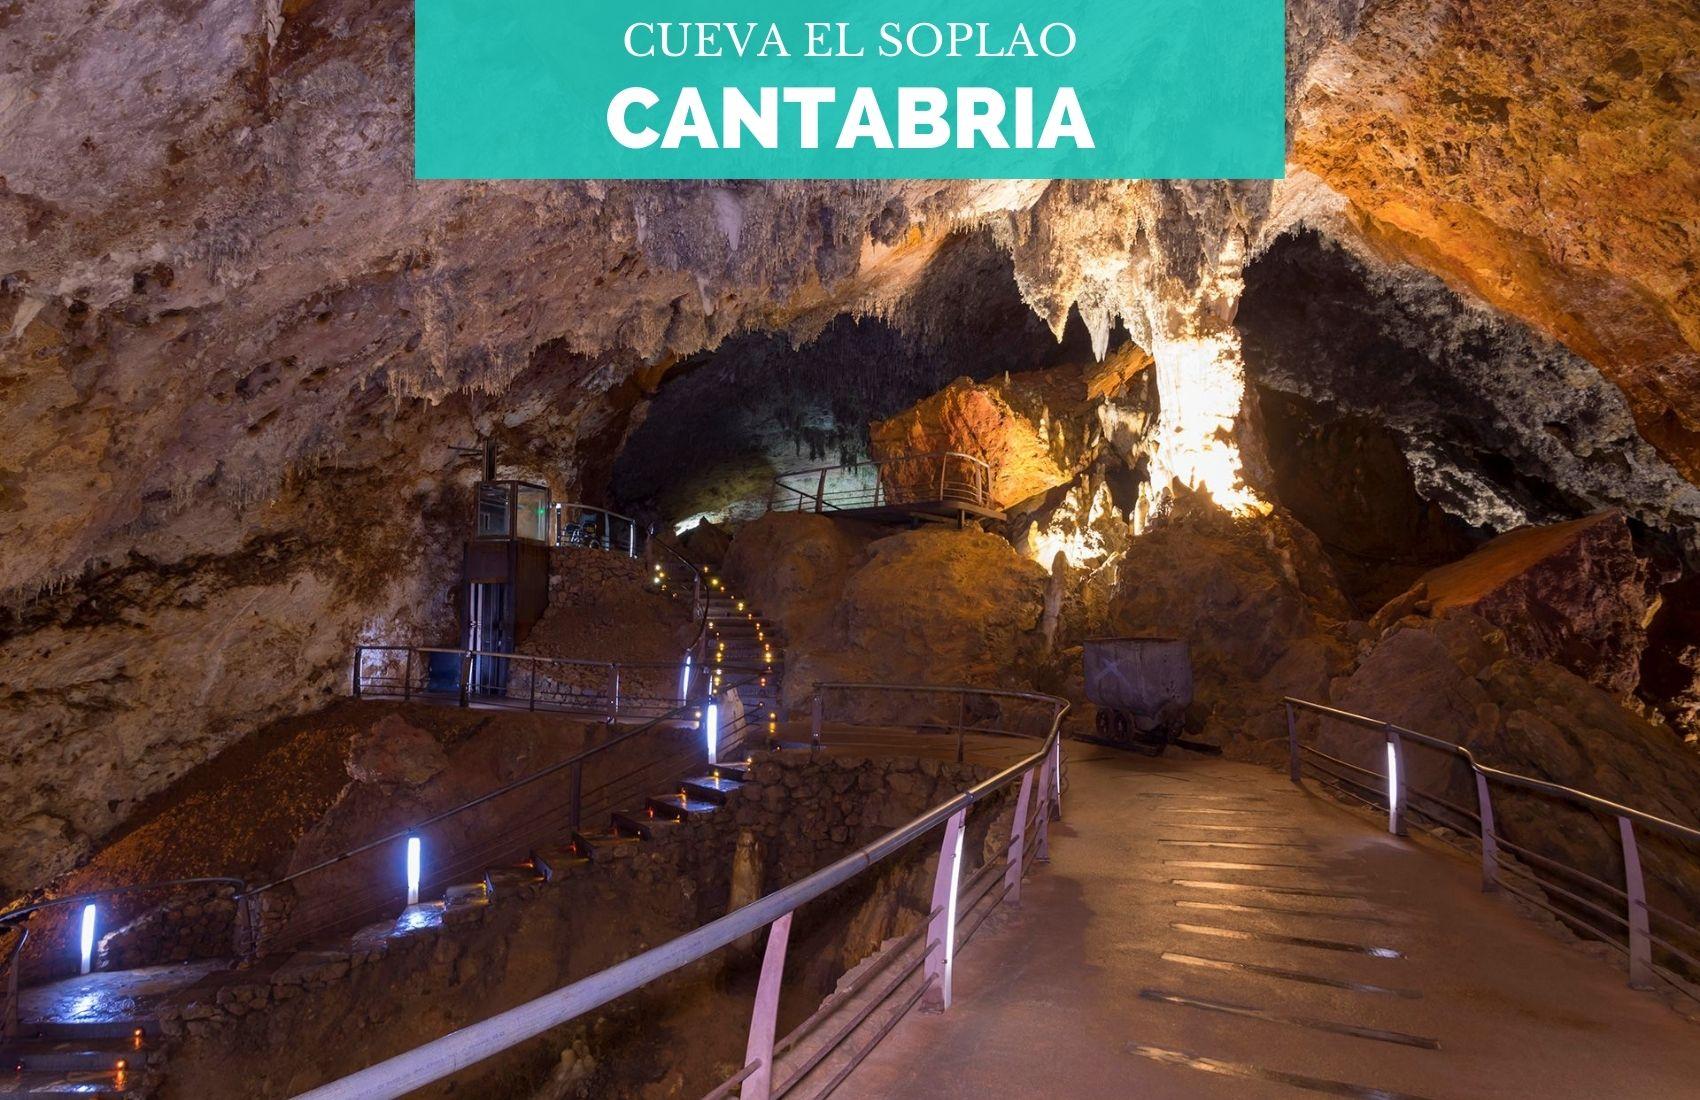 Portada-Cueva-El-Soplao-Cantabria